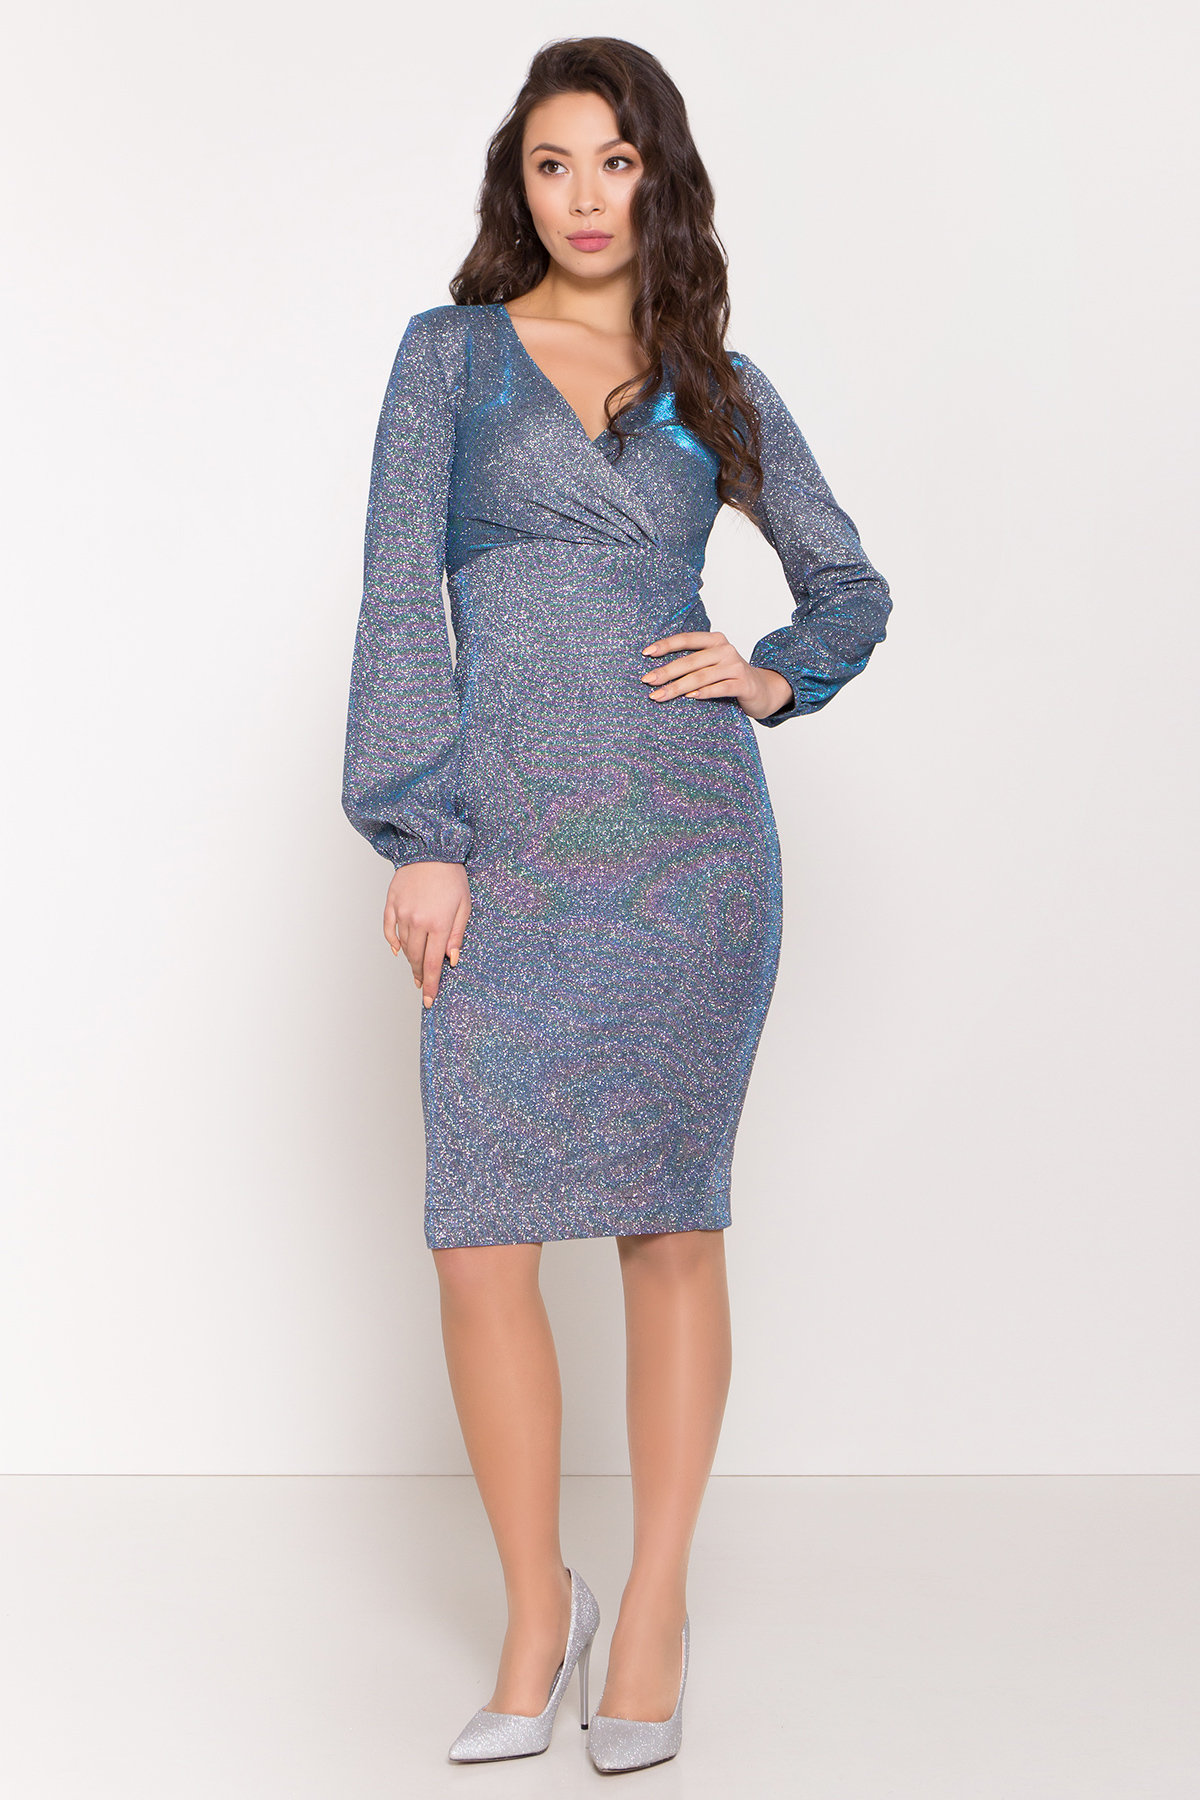 Нарядное платье с люрексом Фаселис 8527 АРТ. 45028 Цвет: Серебро/бирюза/электрик - фото 1, интернет магазин tm-modus.ru